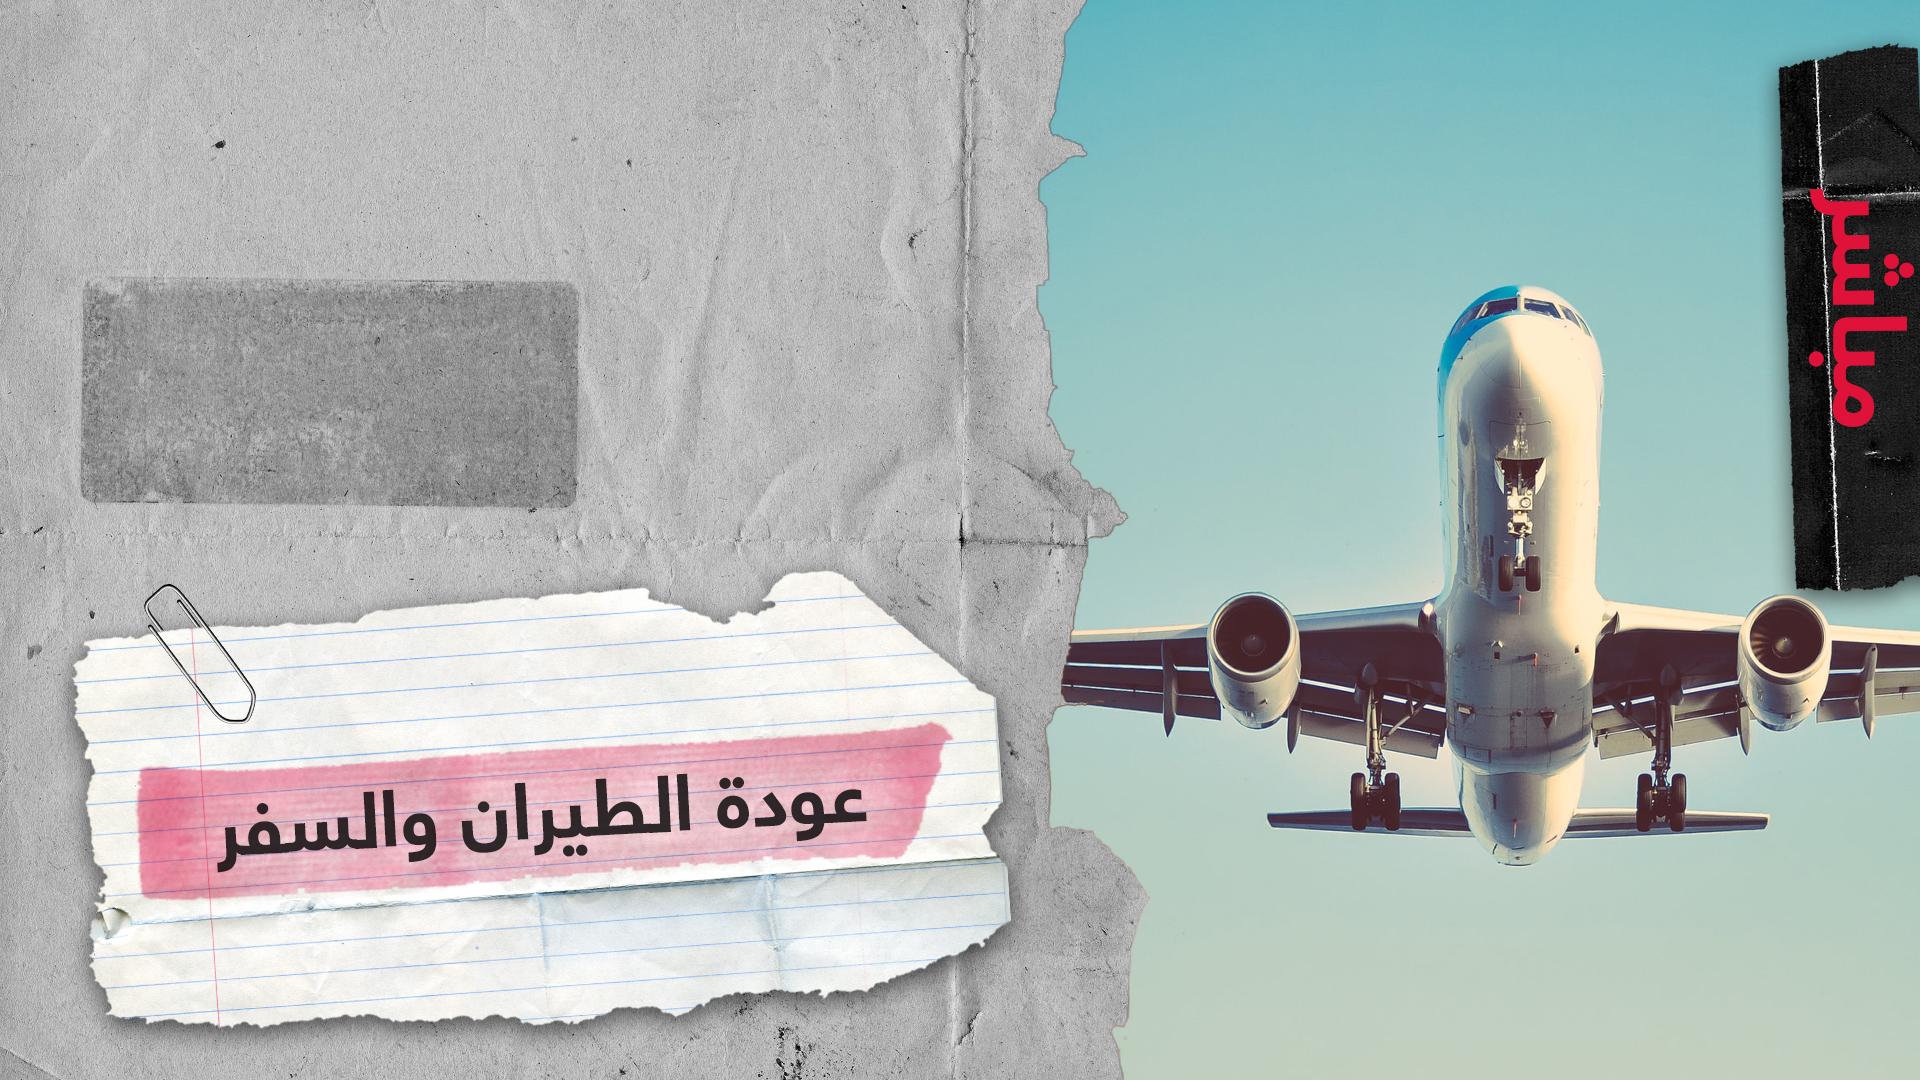 الاتحاد الأوروبي يستأنف رحلاته الجوية في 15 دولة بينها 3 عربية